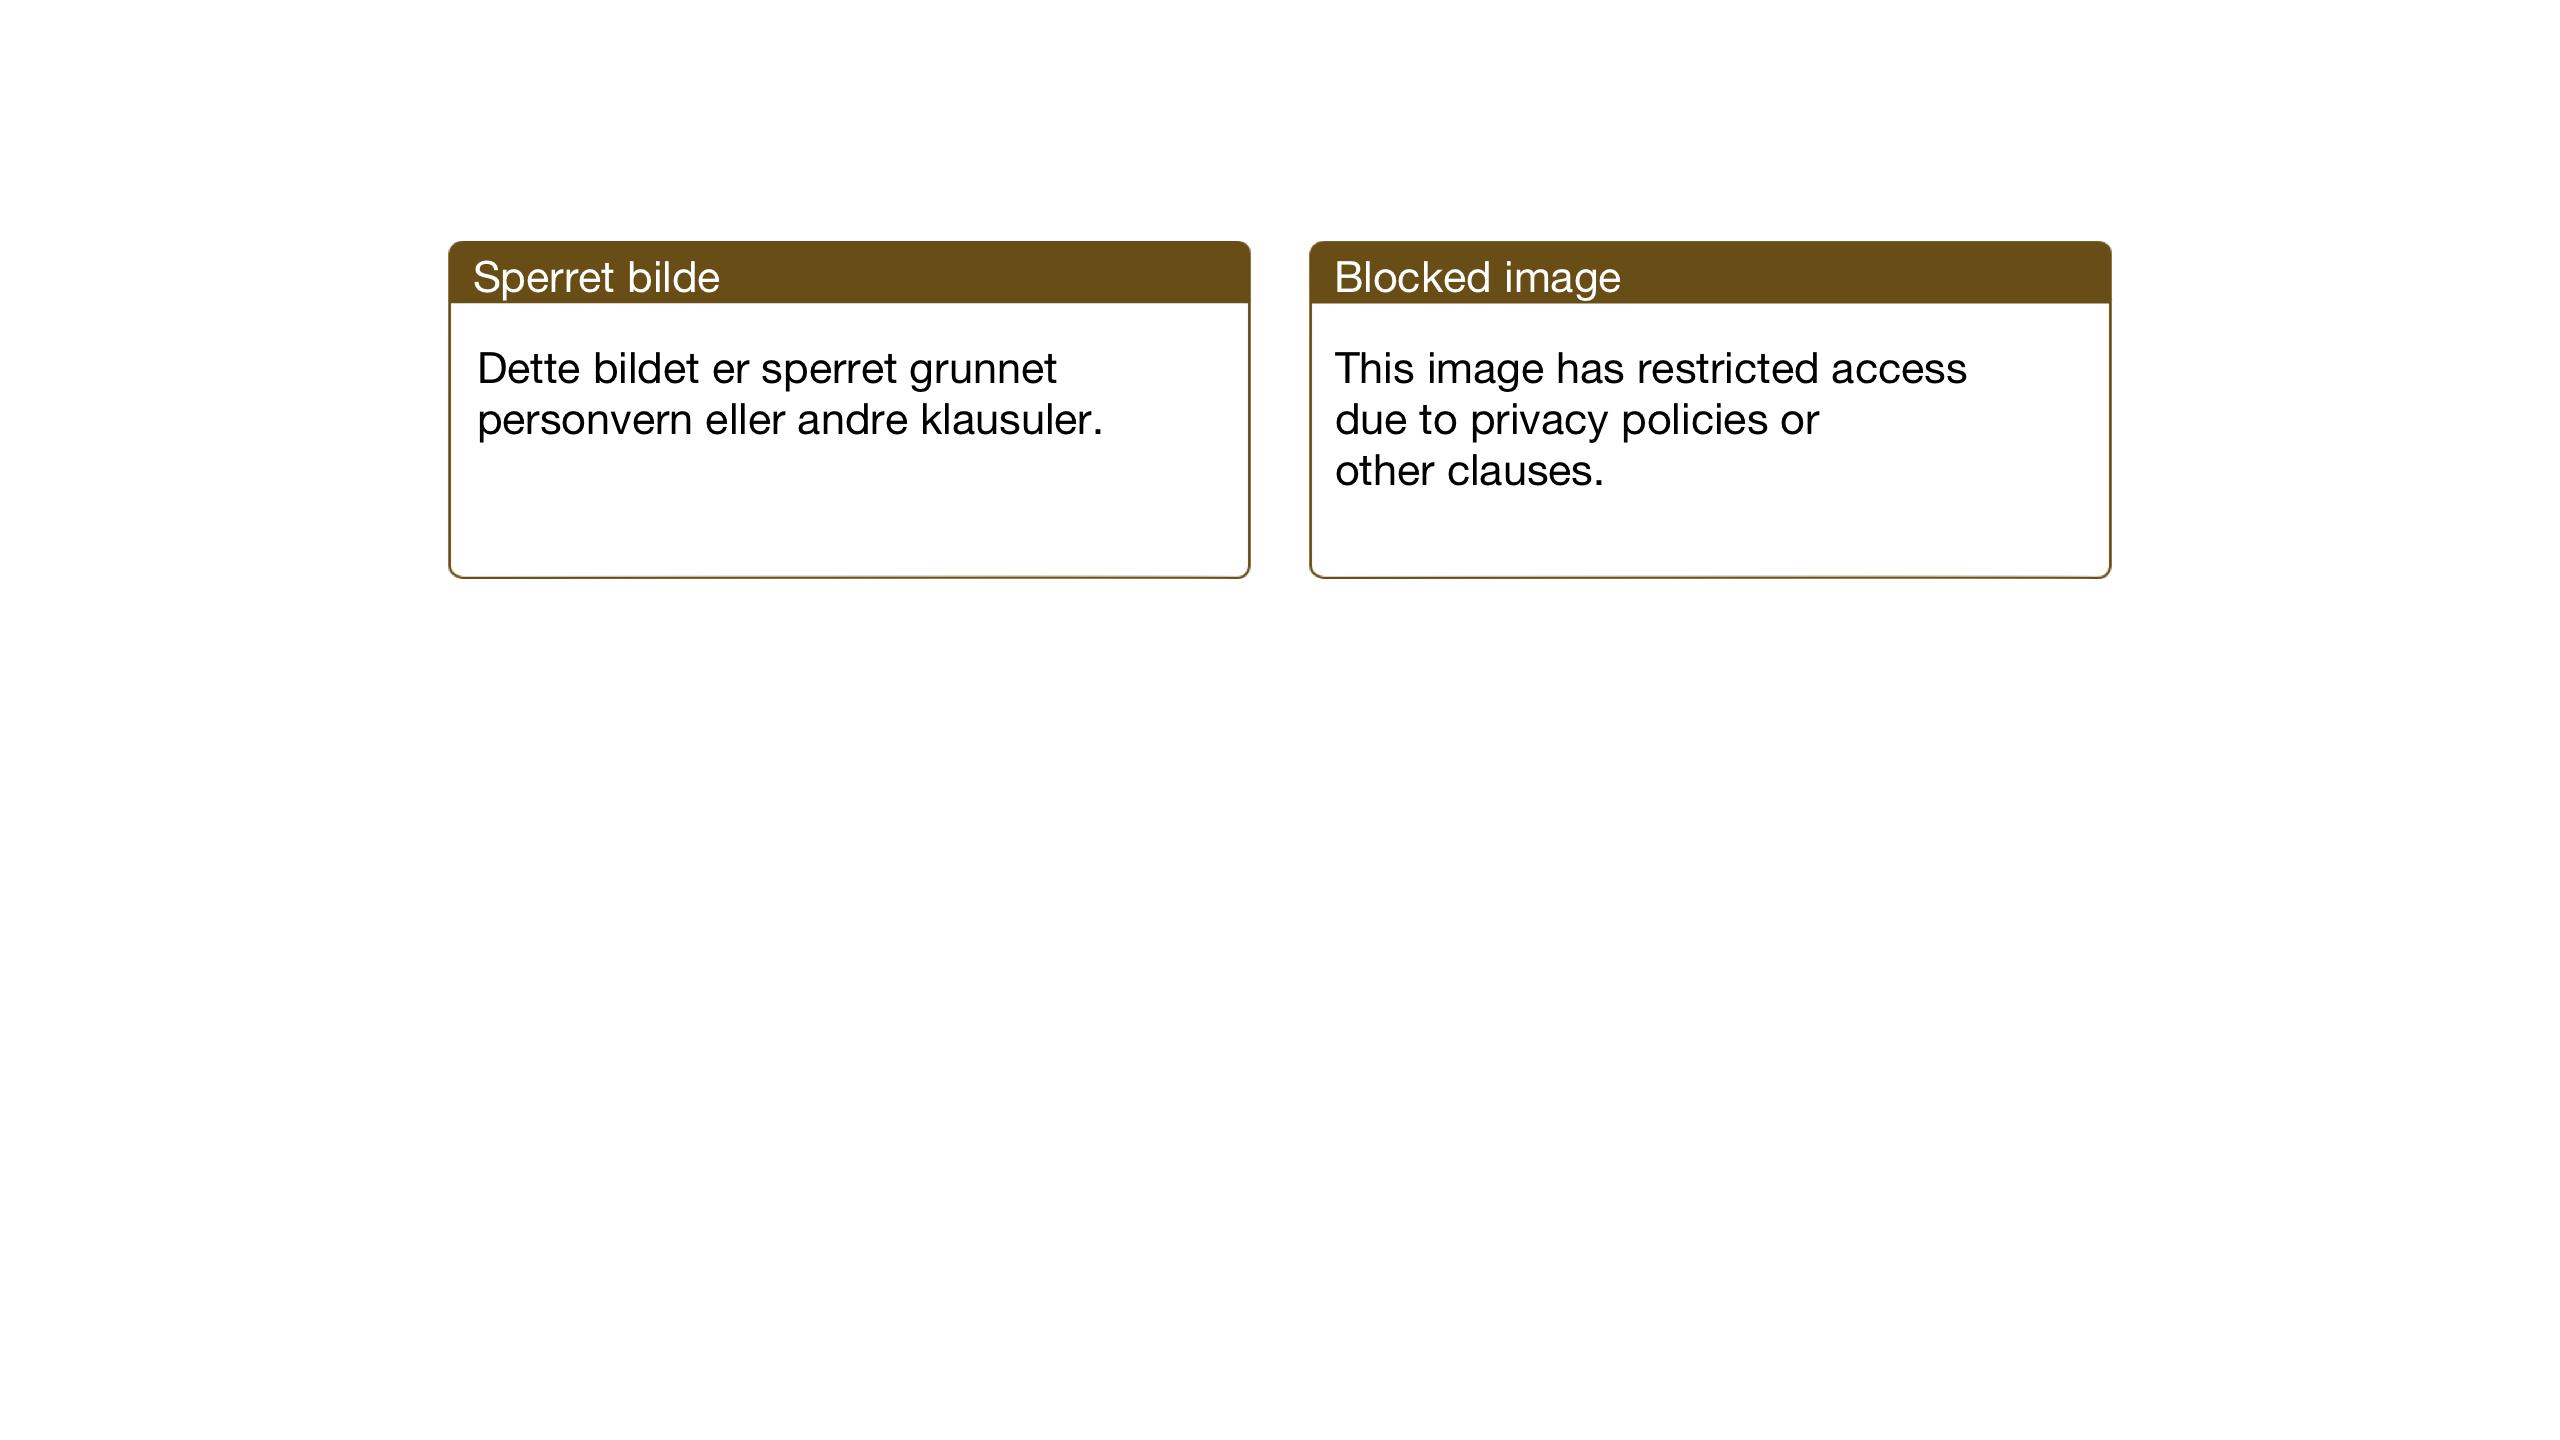 SAT, Ministerialprotokoller, klokkerbøker og fødselsregistre - Nord-Trøndelag, 755/L0500: Klokkerbok nr. 755C01, 1920-1962, s. 24